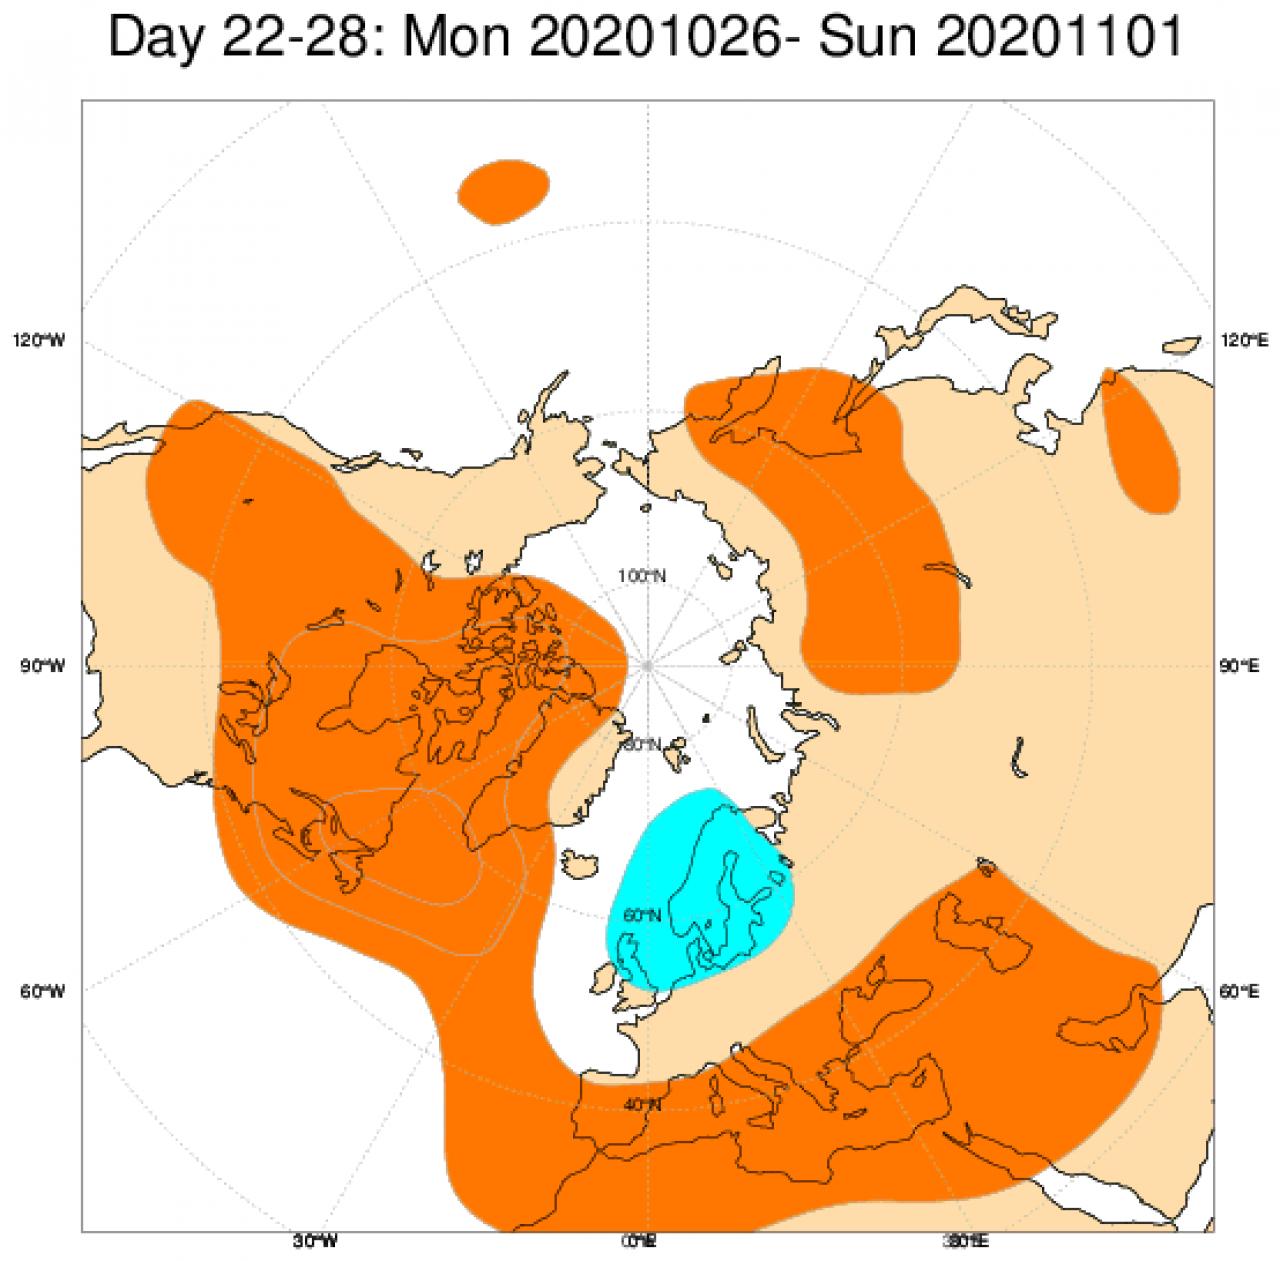 Le anomalie di geopotenziale a 500hPa secondo il modello ECMWF mediate sul periodo 26 ottobre - 1 novembre